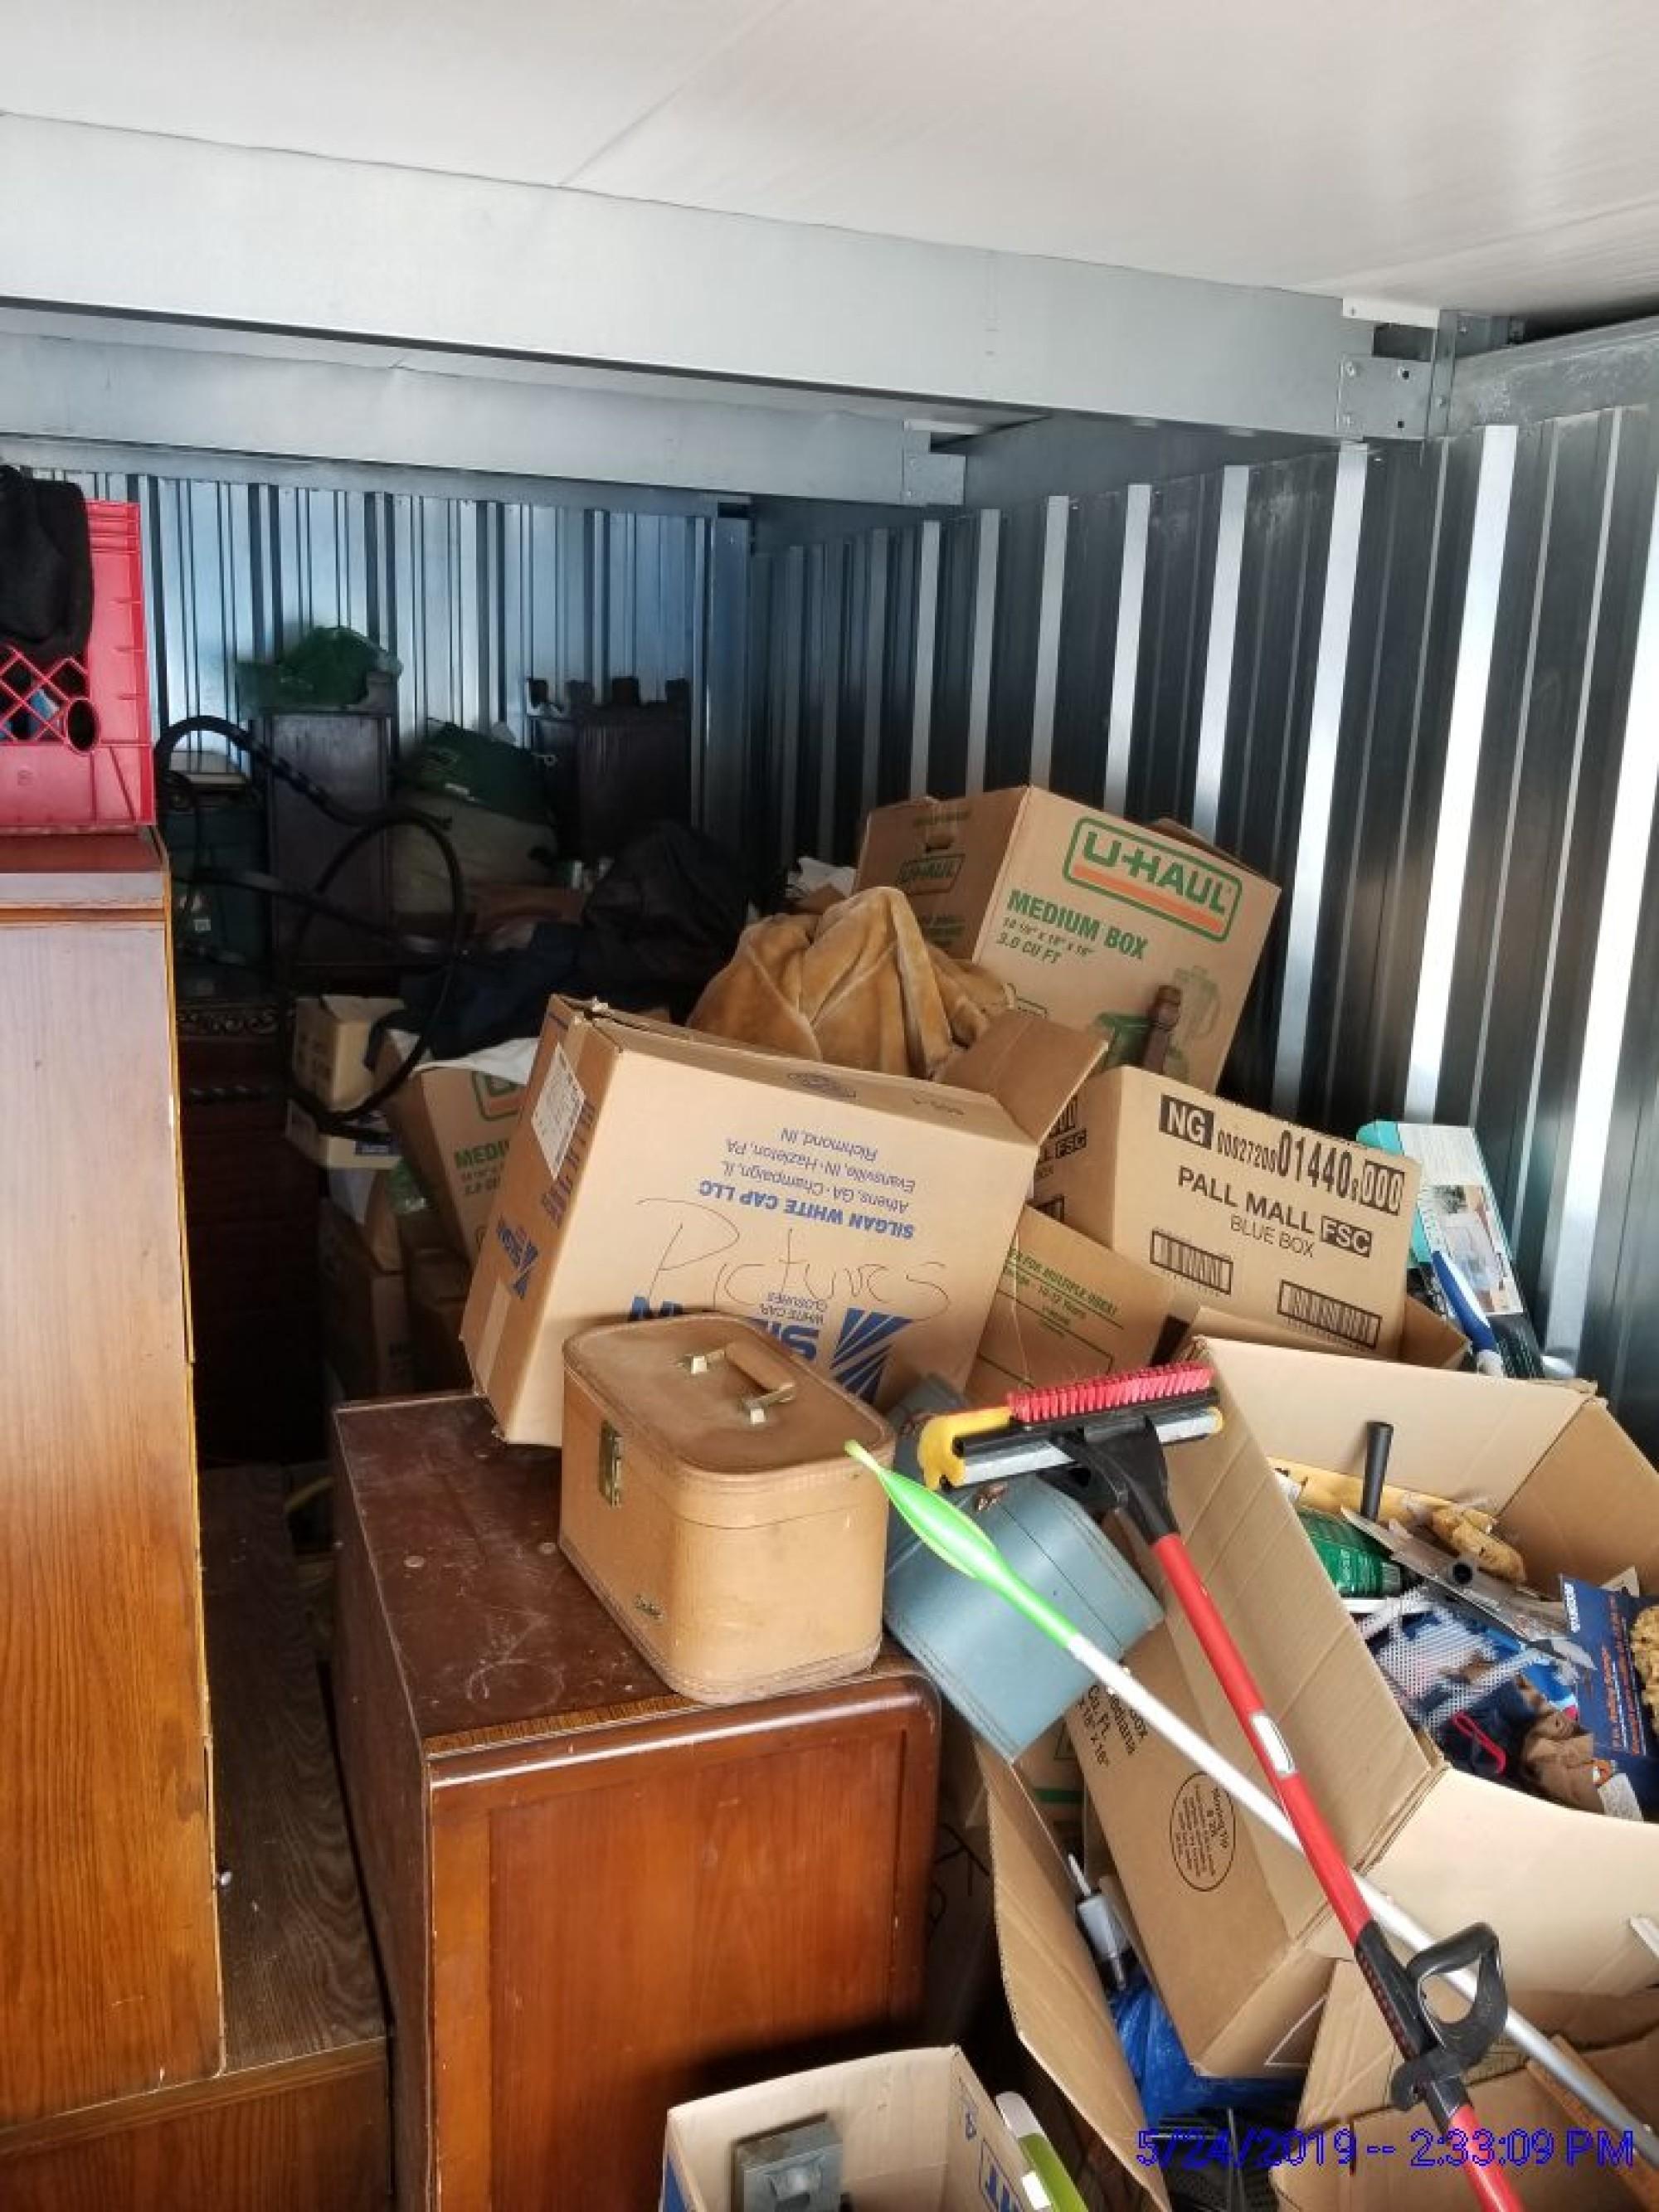 Storage Unit Auction 792005 Richmond In